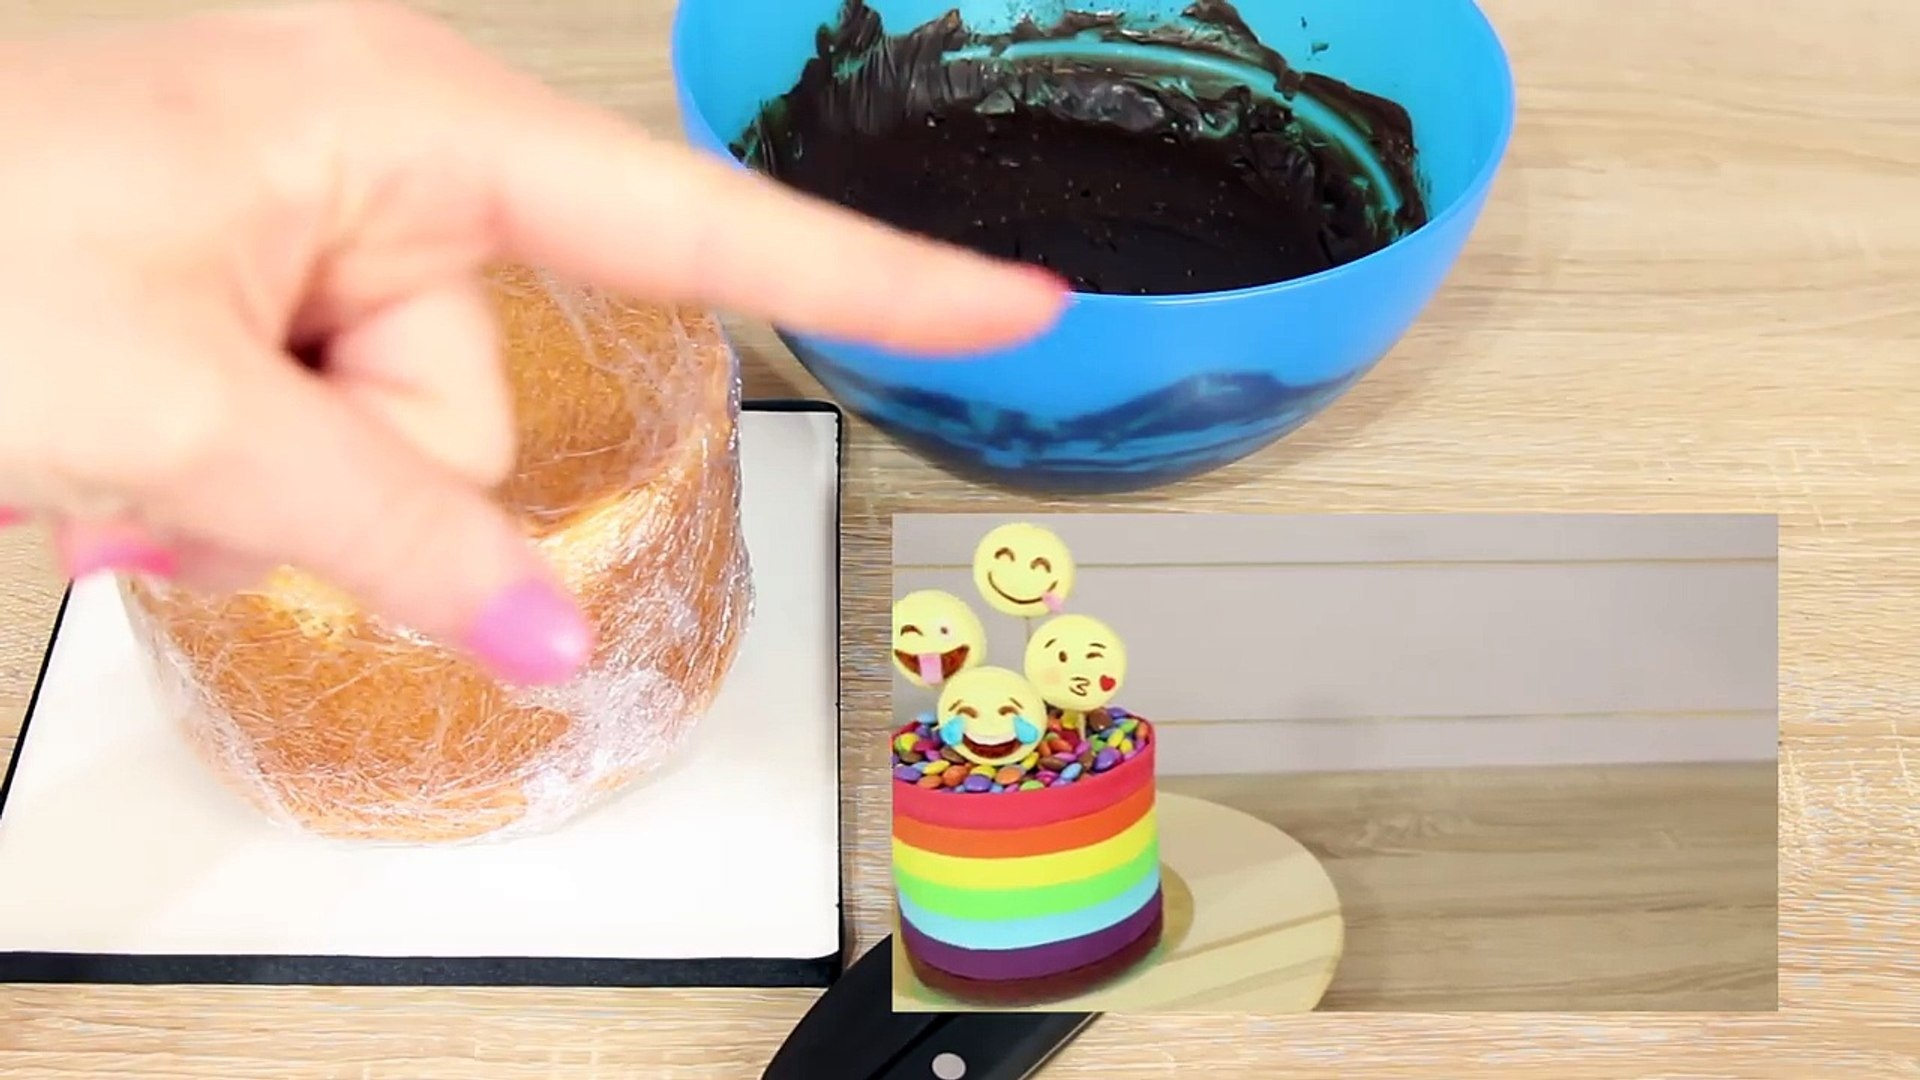 GÂTEAU SAC MAKEUP PATE A SUCRE CAKE DESIGN MAKEUP BAG CAKE •♡